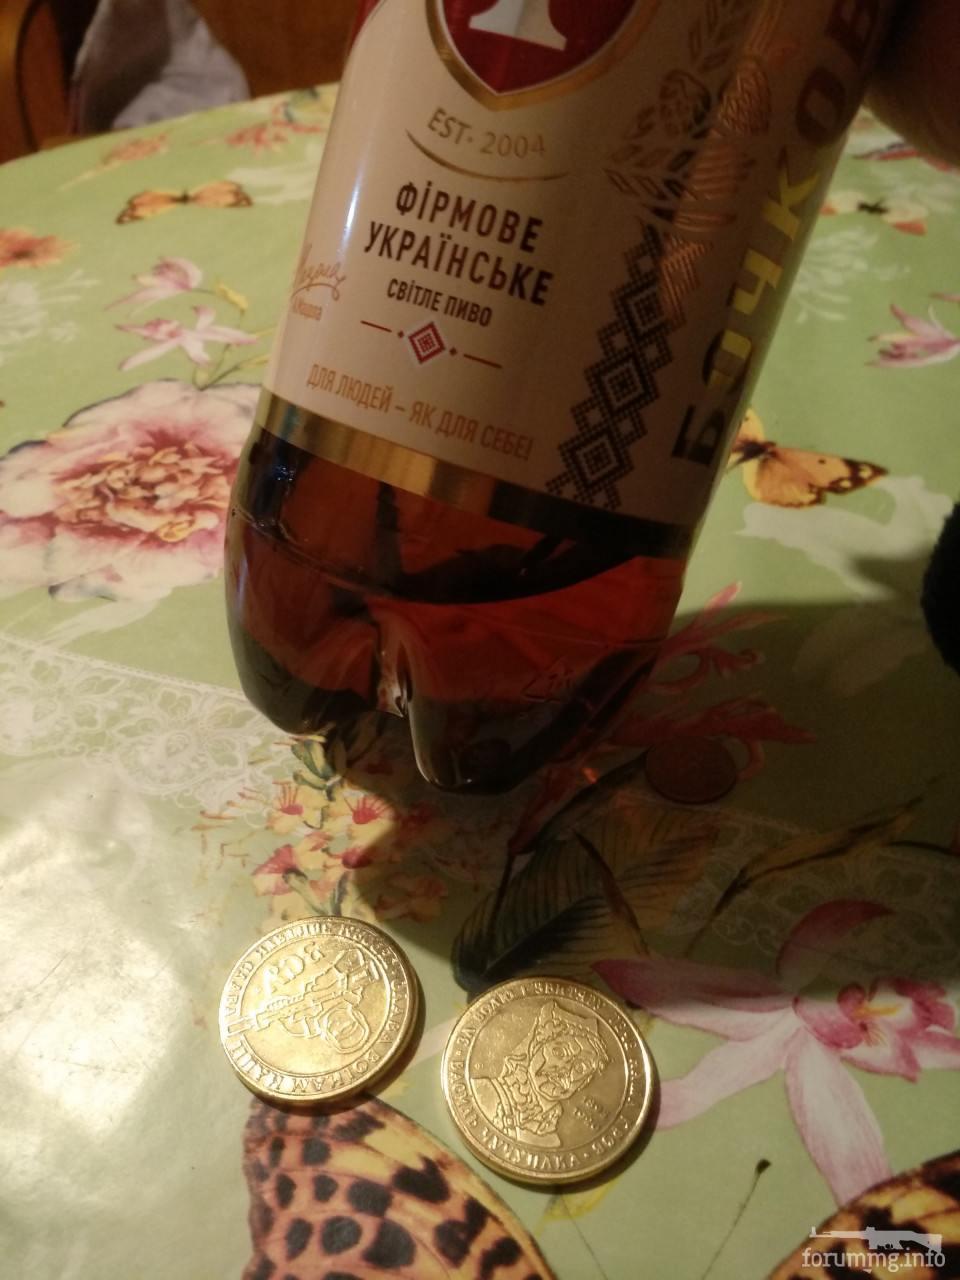 139760 - Пить или не пить? - пятничная алкогольная тема )))